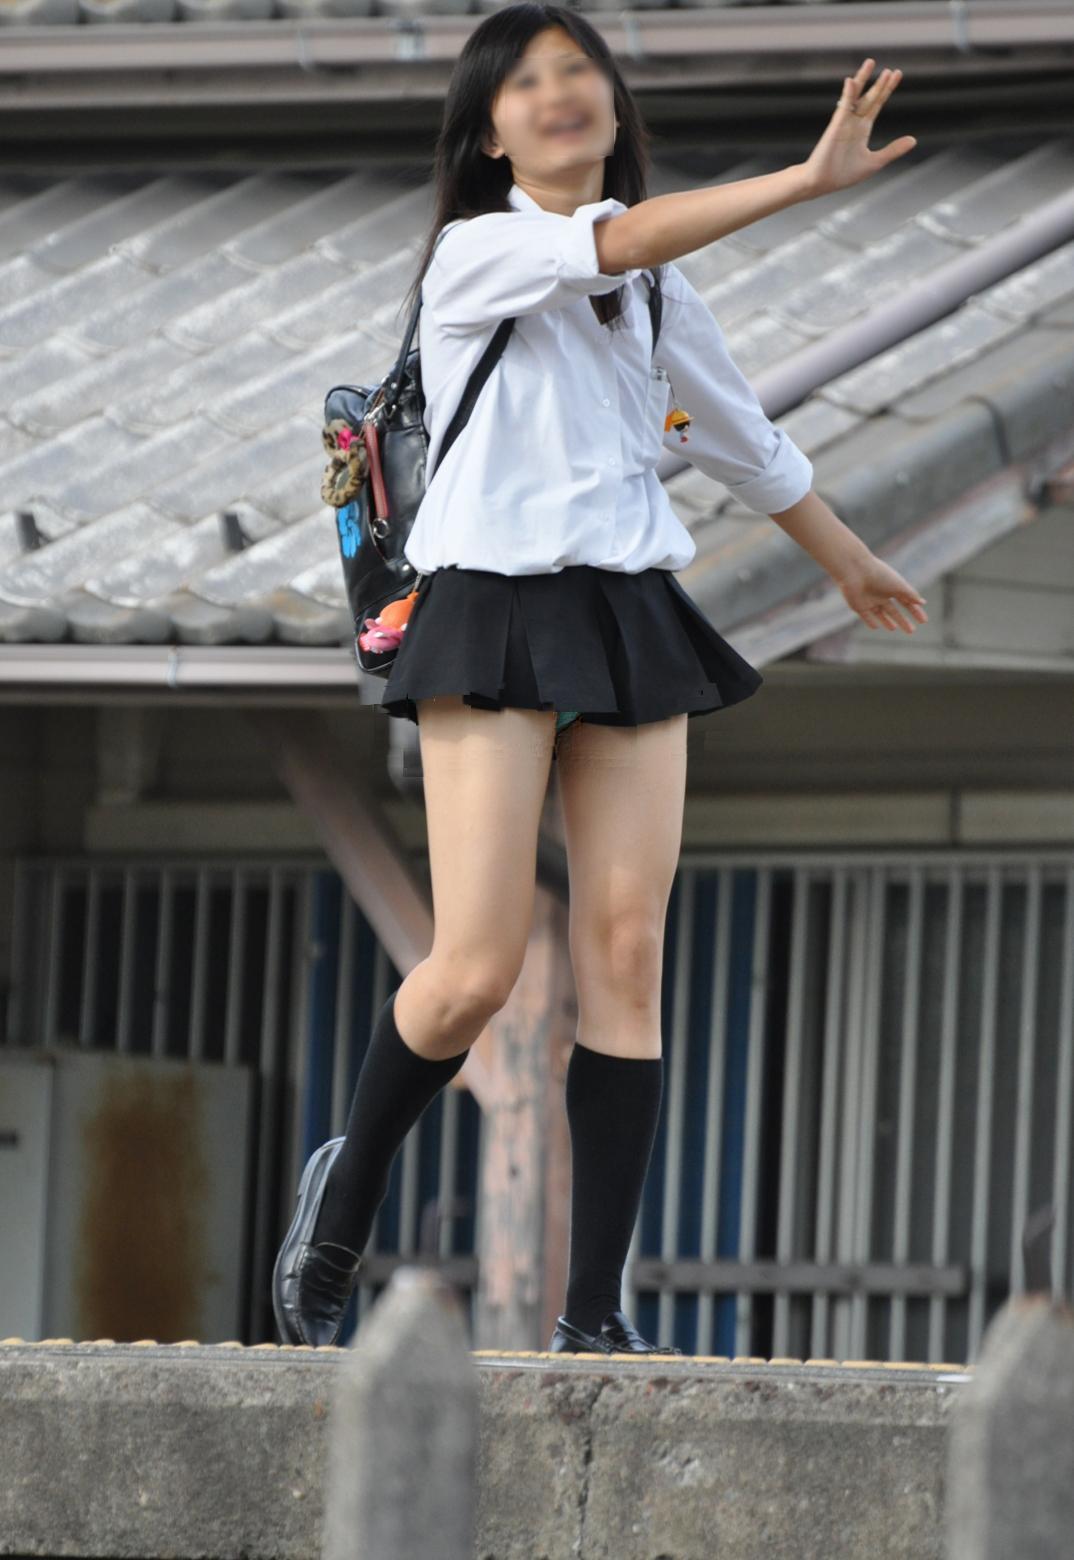 チラッと見えて興奮する女子校生のパンチラ!